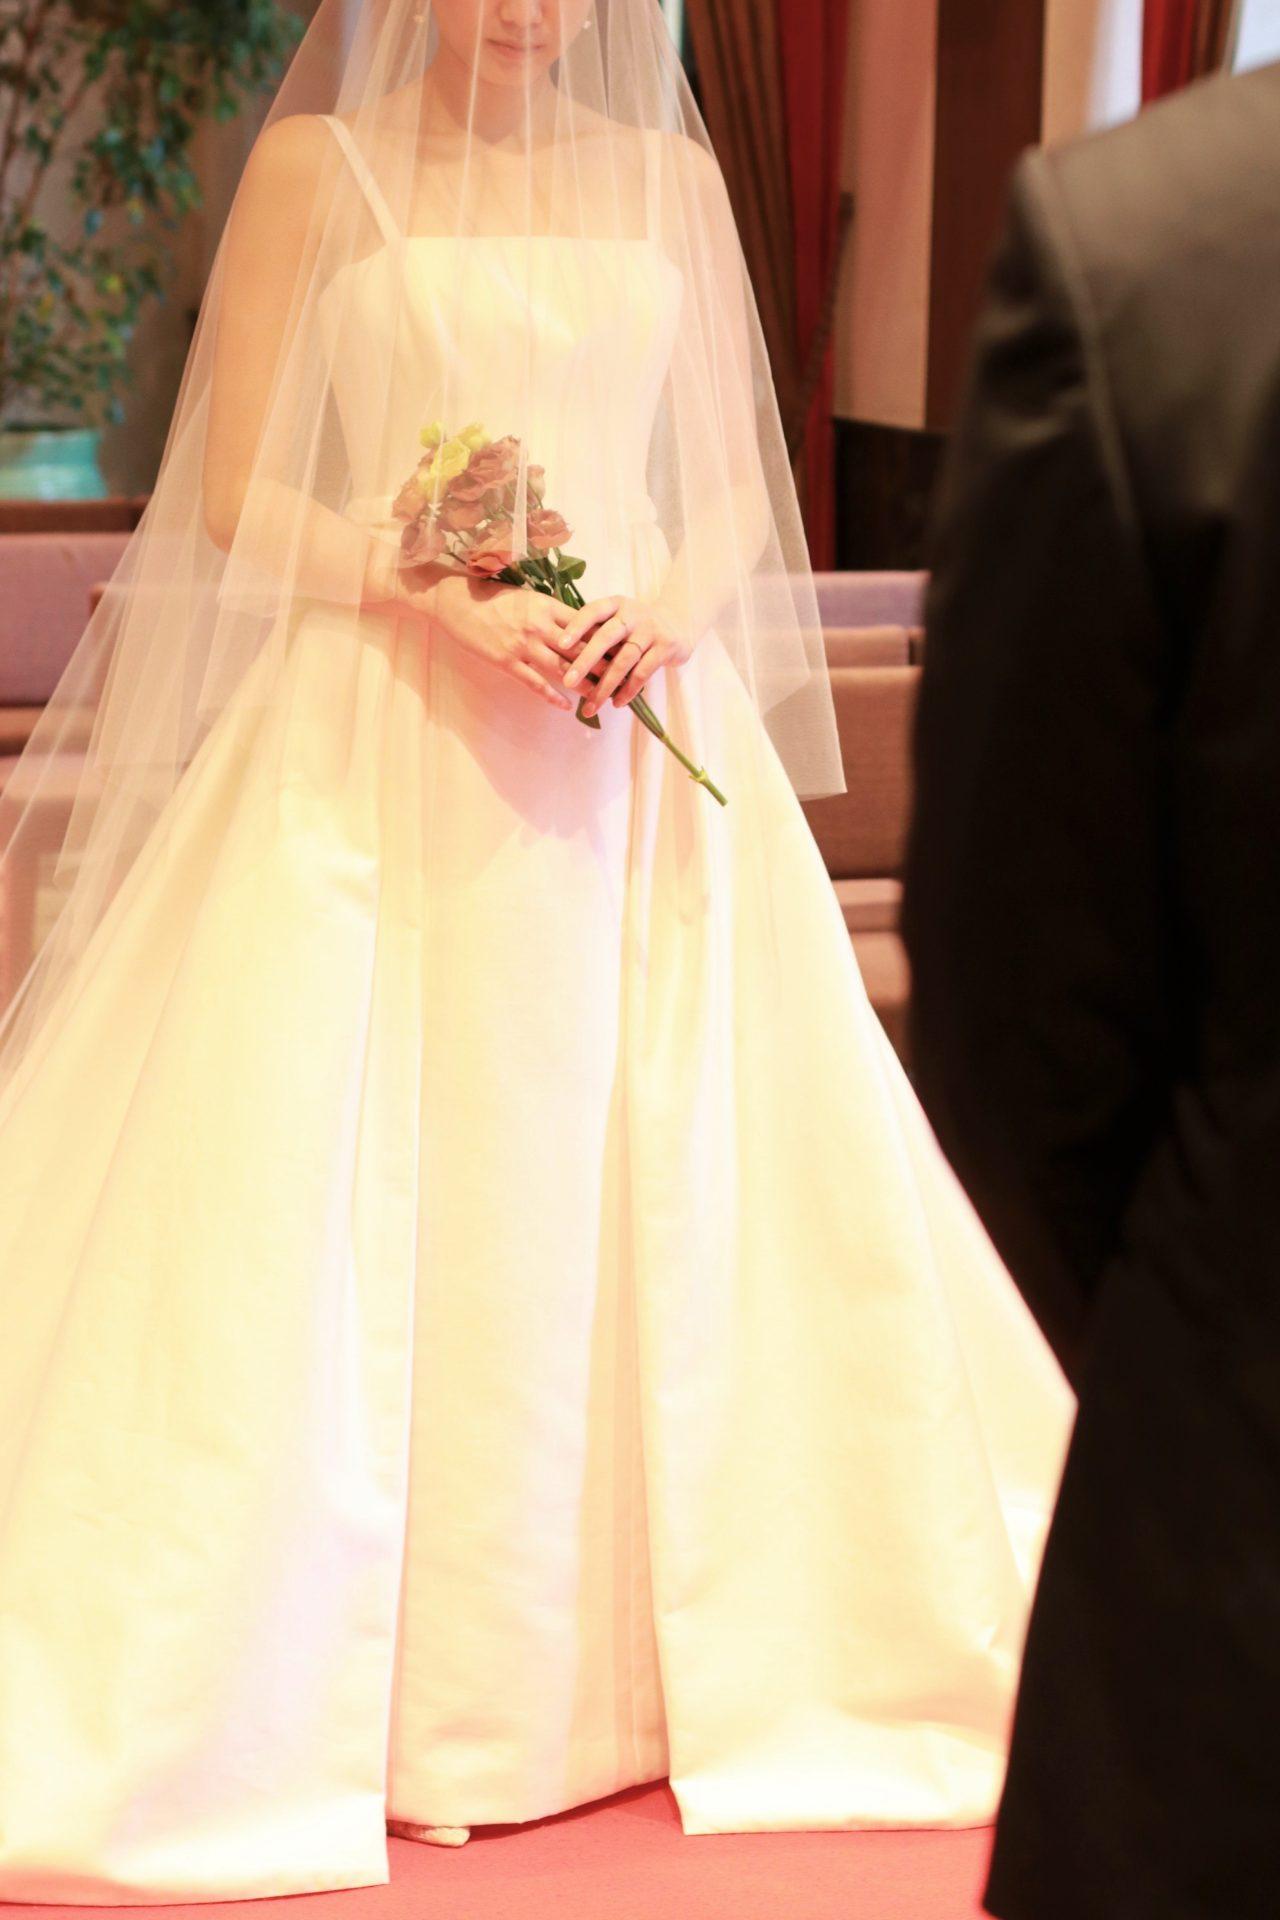 ザトリートドレッシングアディション店の提携会場、赤坂プリンスクラシックハウスのチャペルの赤絨毯のひかれたバージンロードをベールをまとった花嫁が歩みを進める姿に誰もが目を奪われます